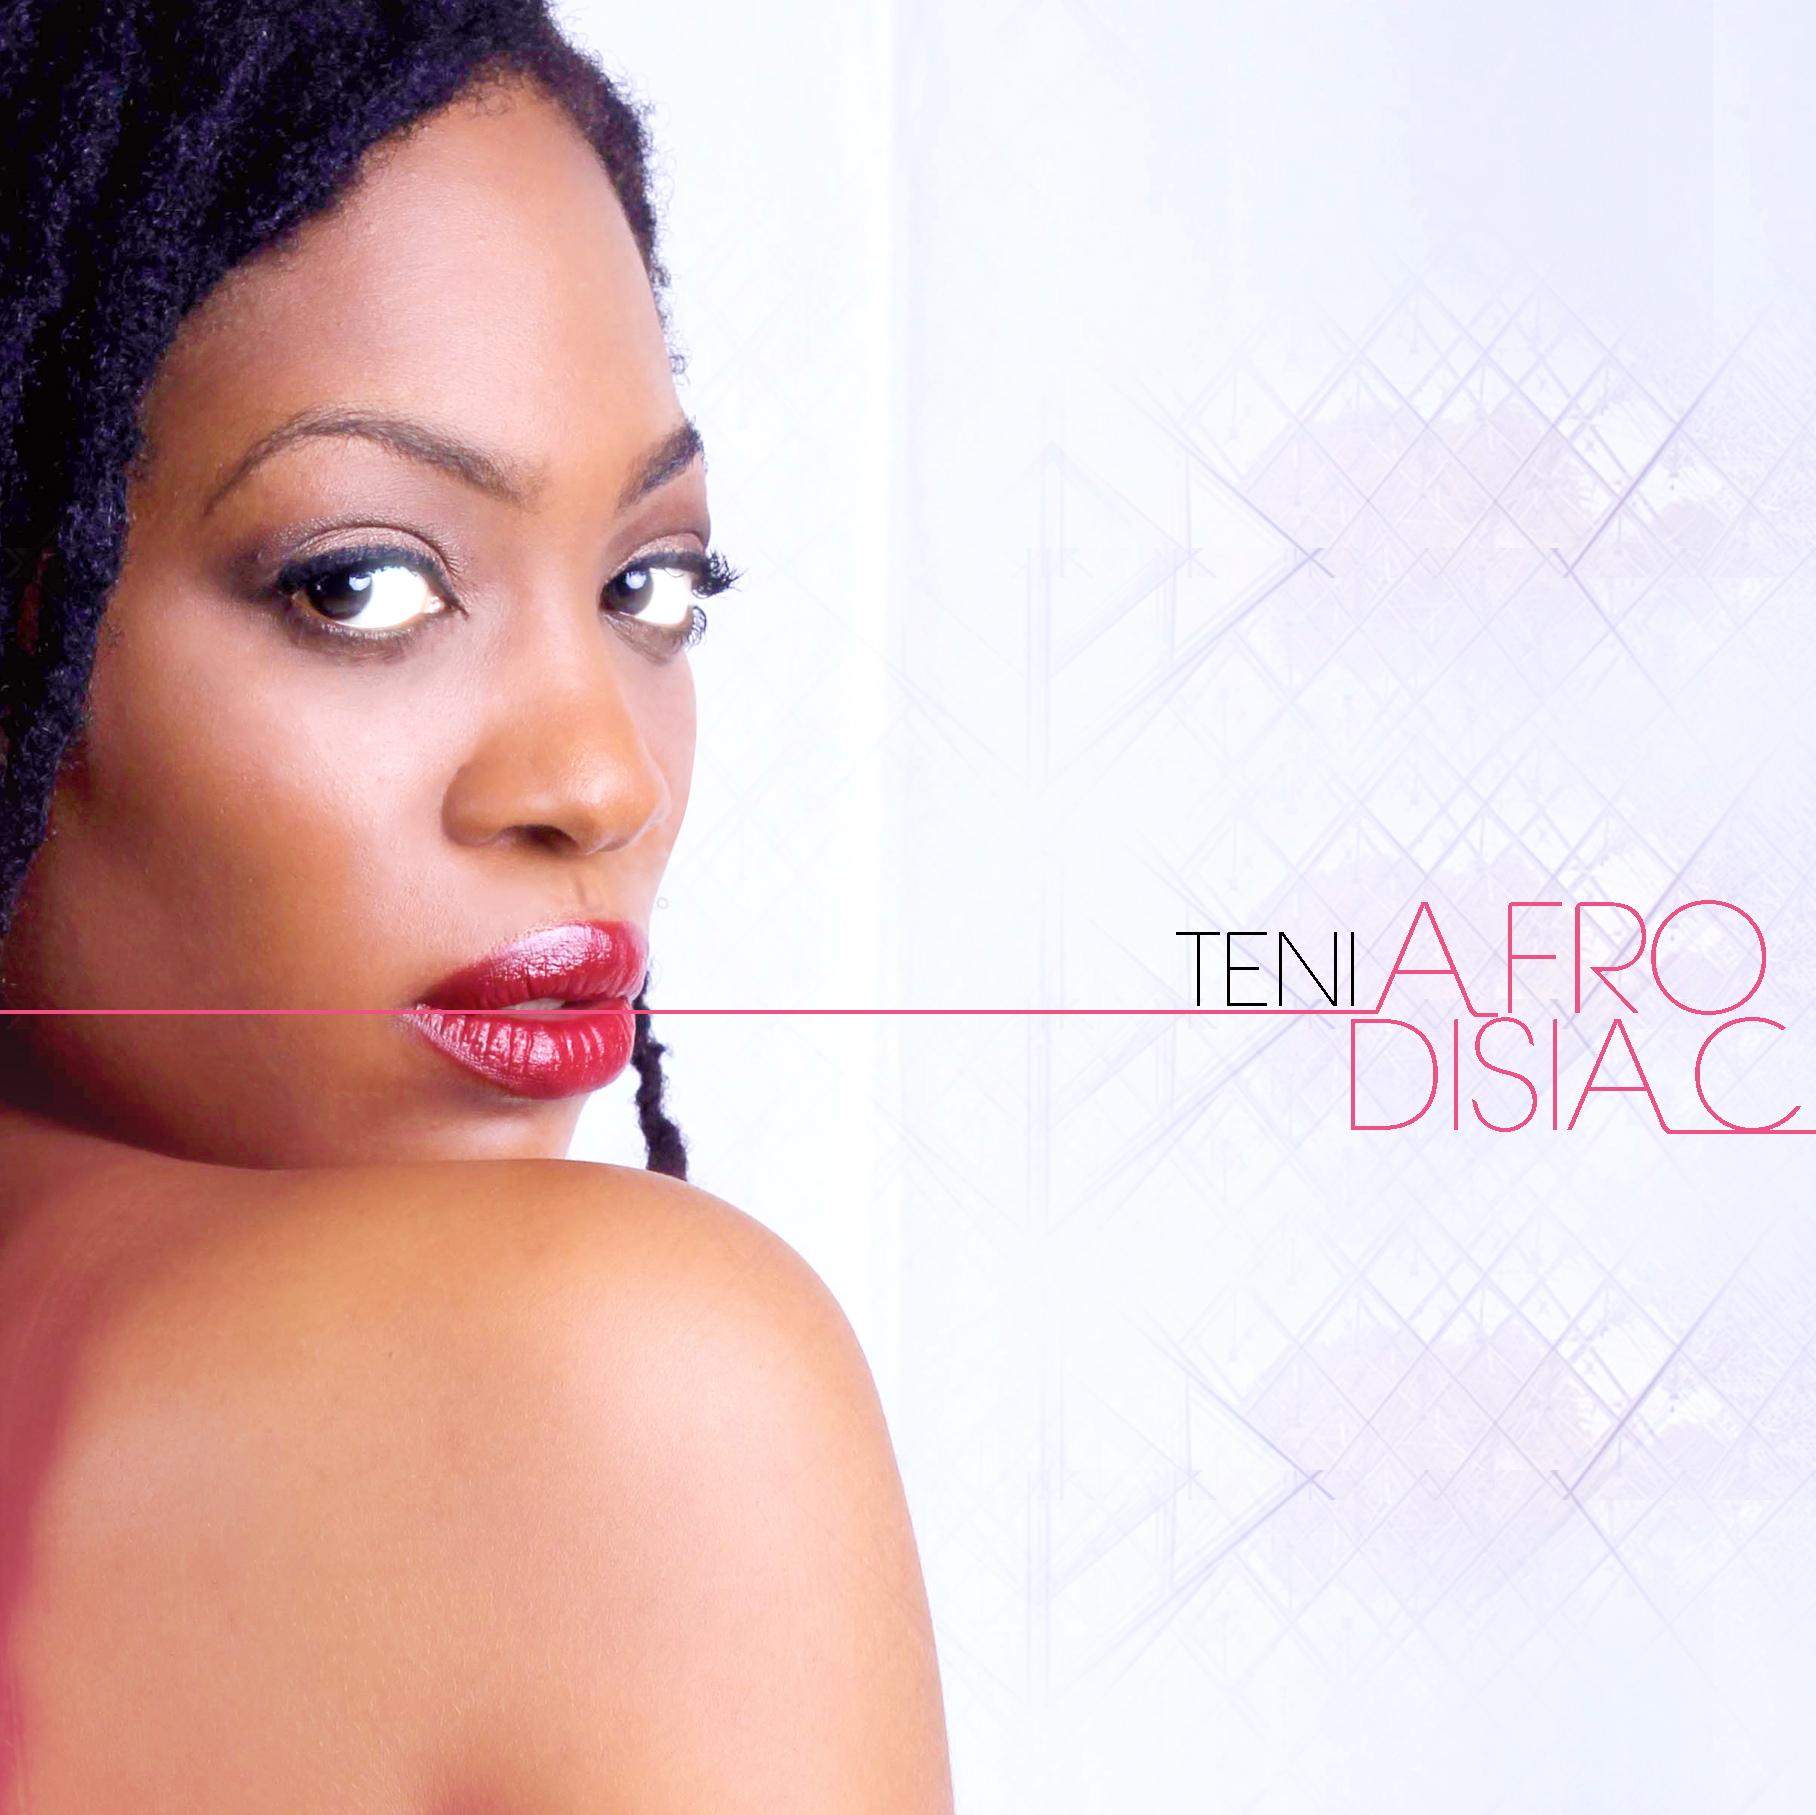 Teni - Afrodisiac